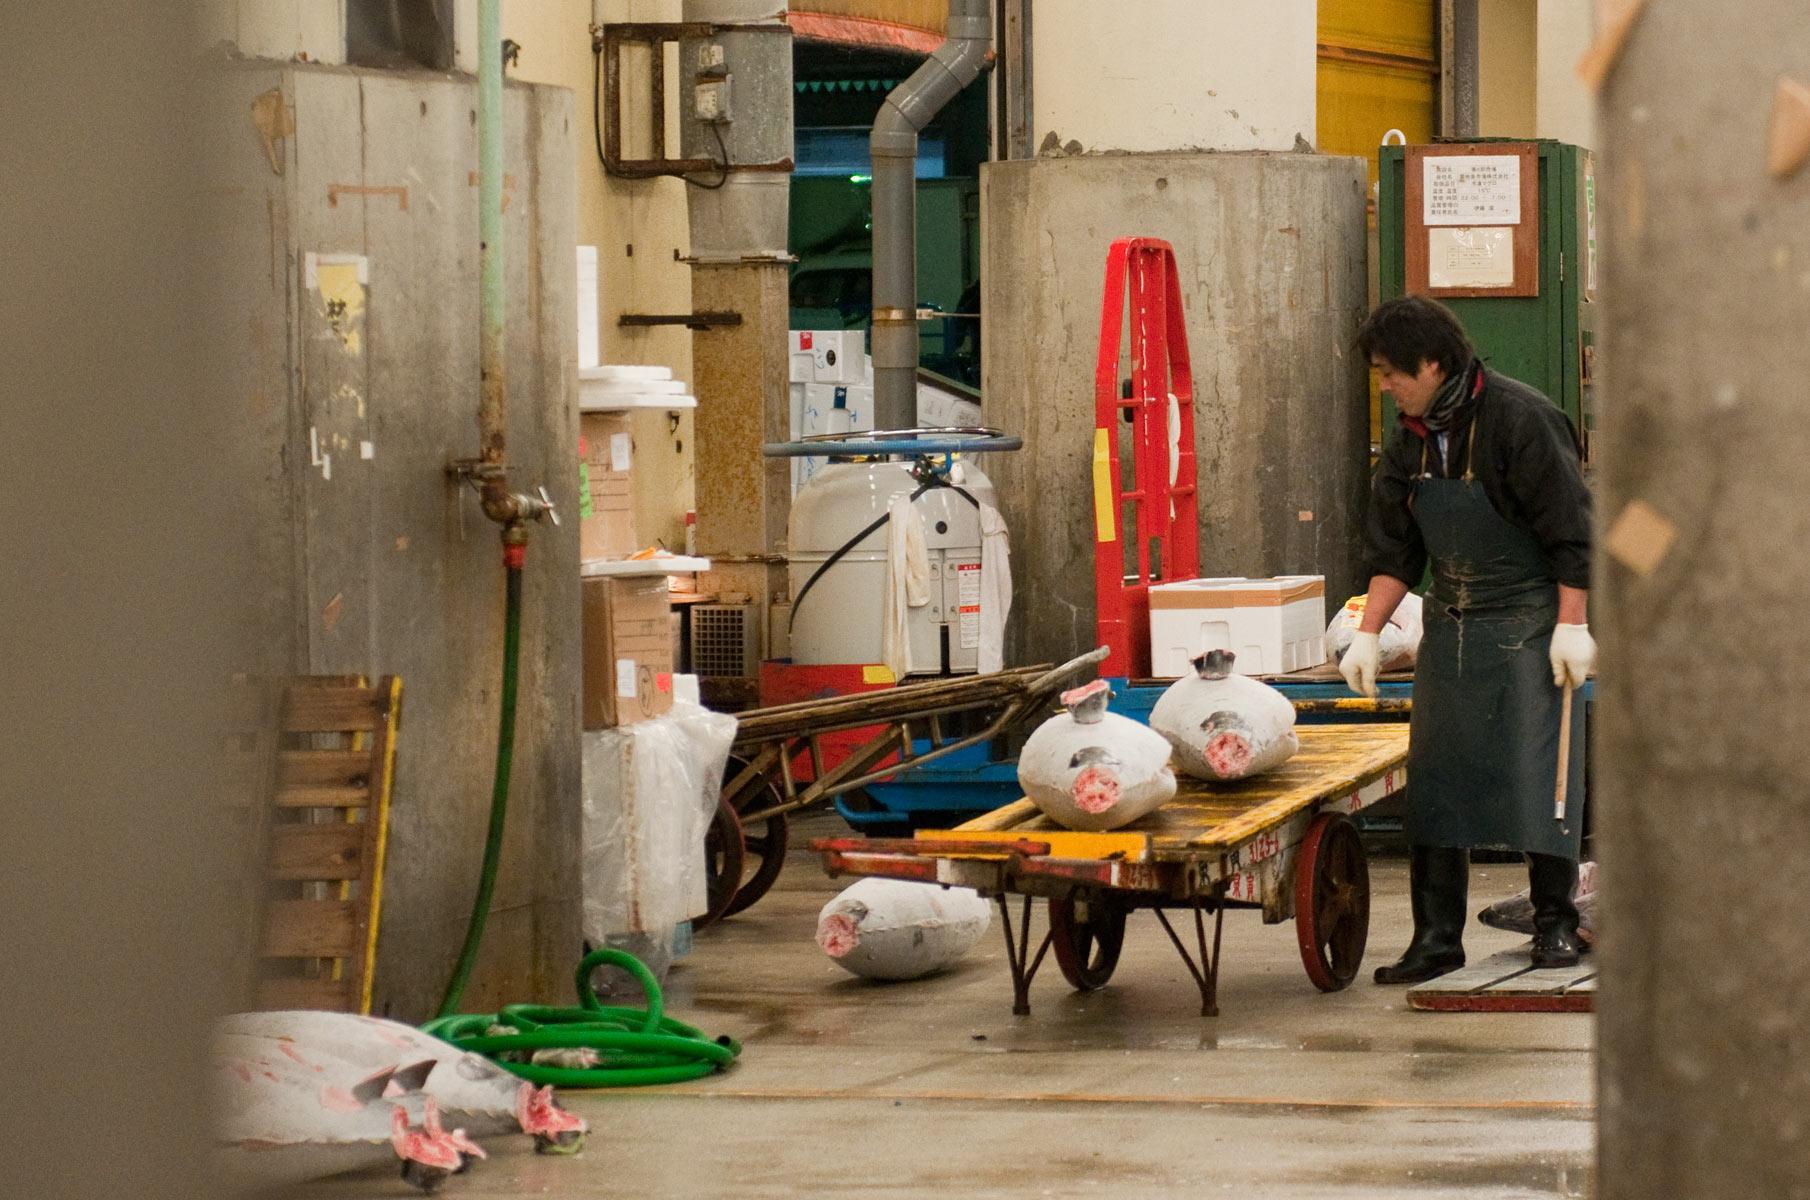 Thunfische zur Auktion auf dem Tsukiji Fischmarkt in Tokyo, Japan